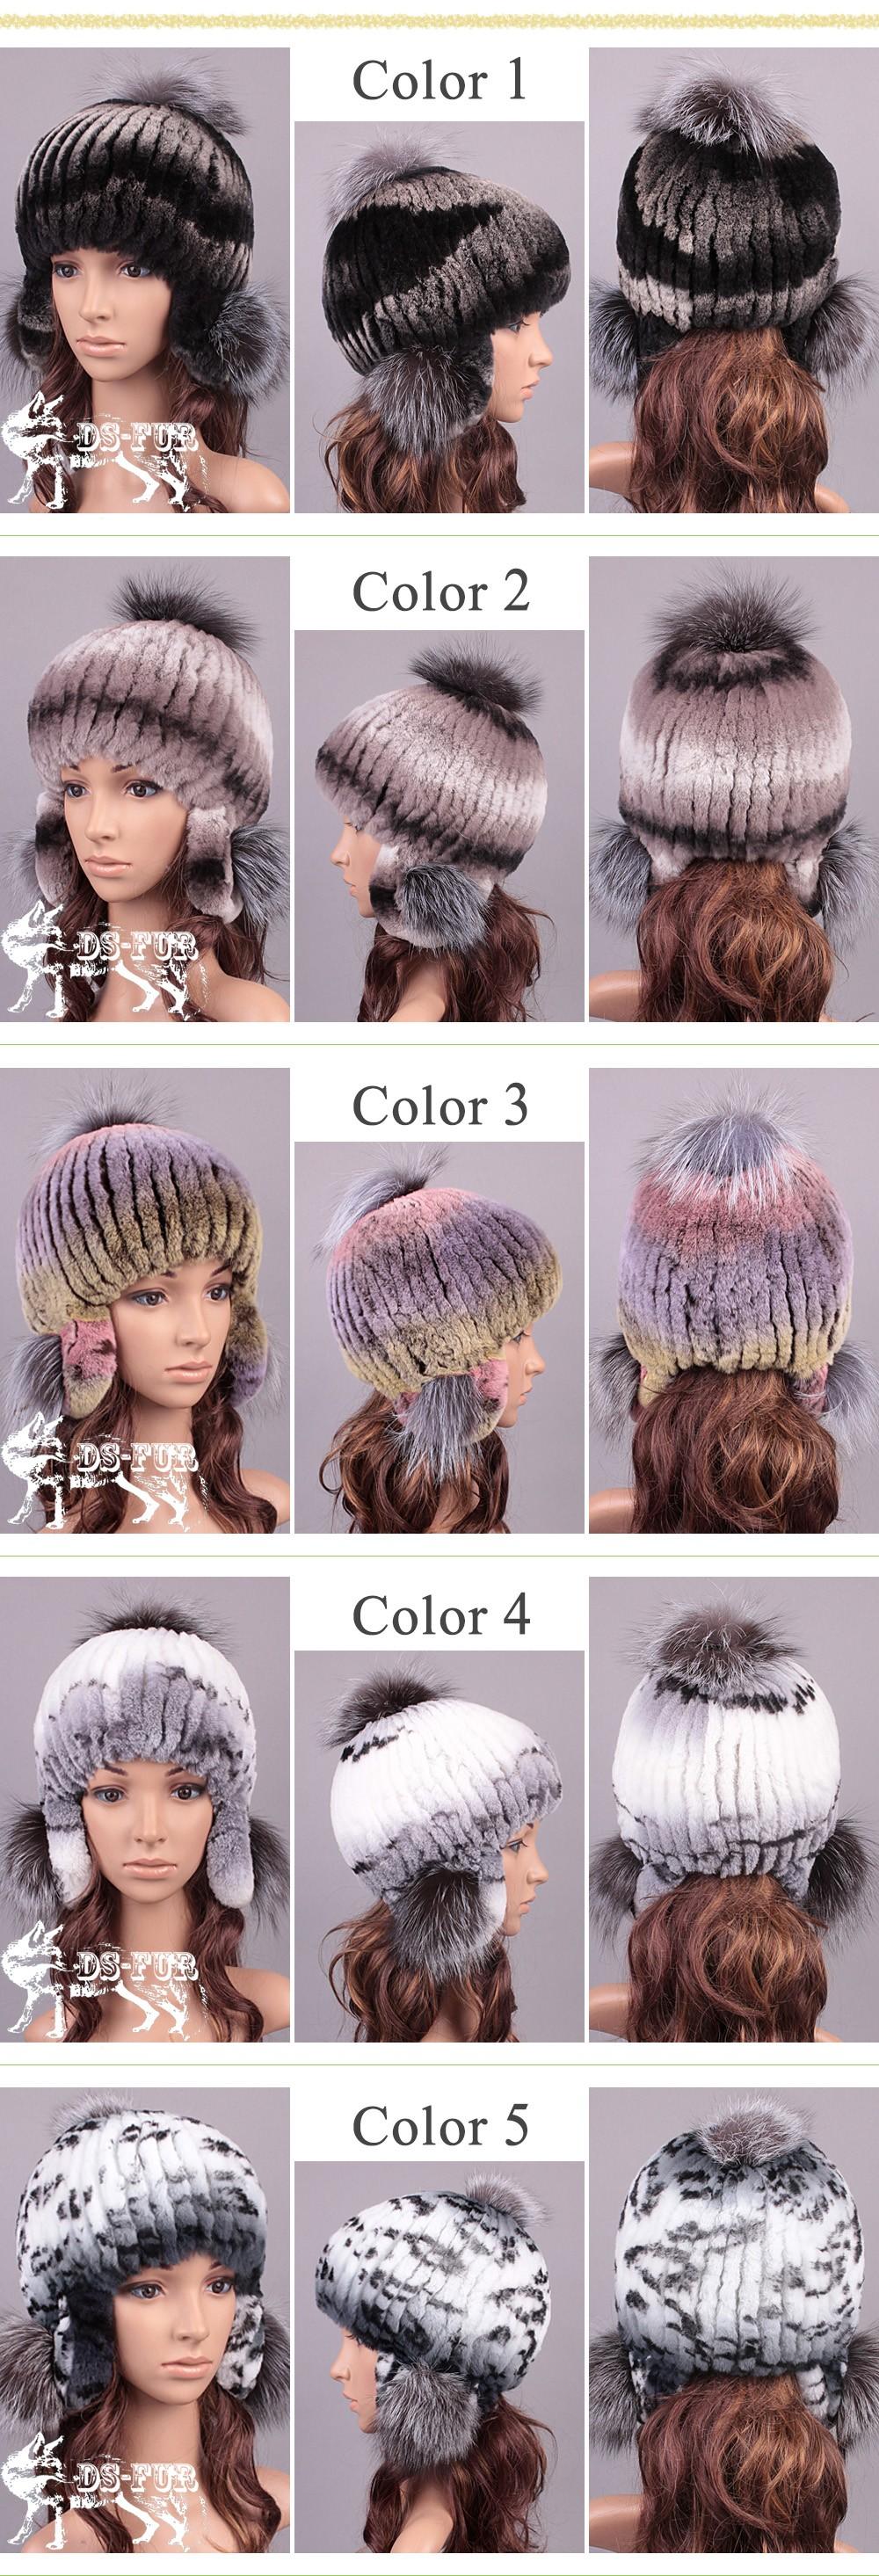 Rabbit hair braided silver fox fur earmuffs cap 01